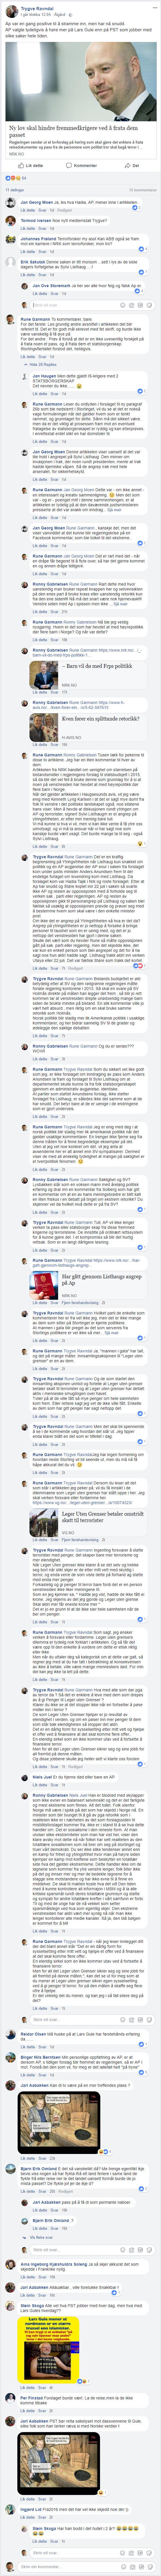 Skjermdump av diskusjonstråd på¨Facebook.